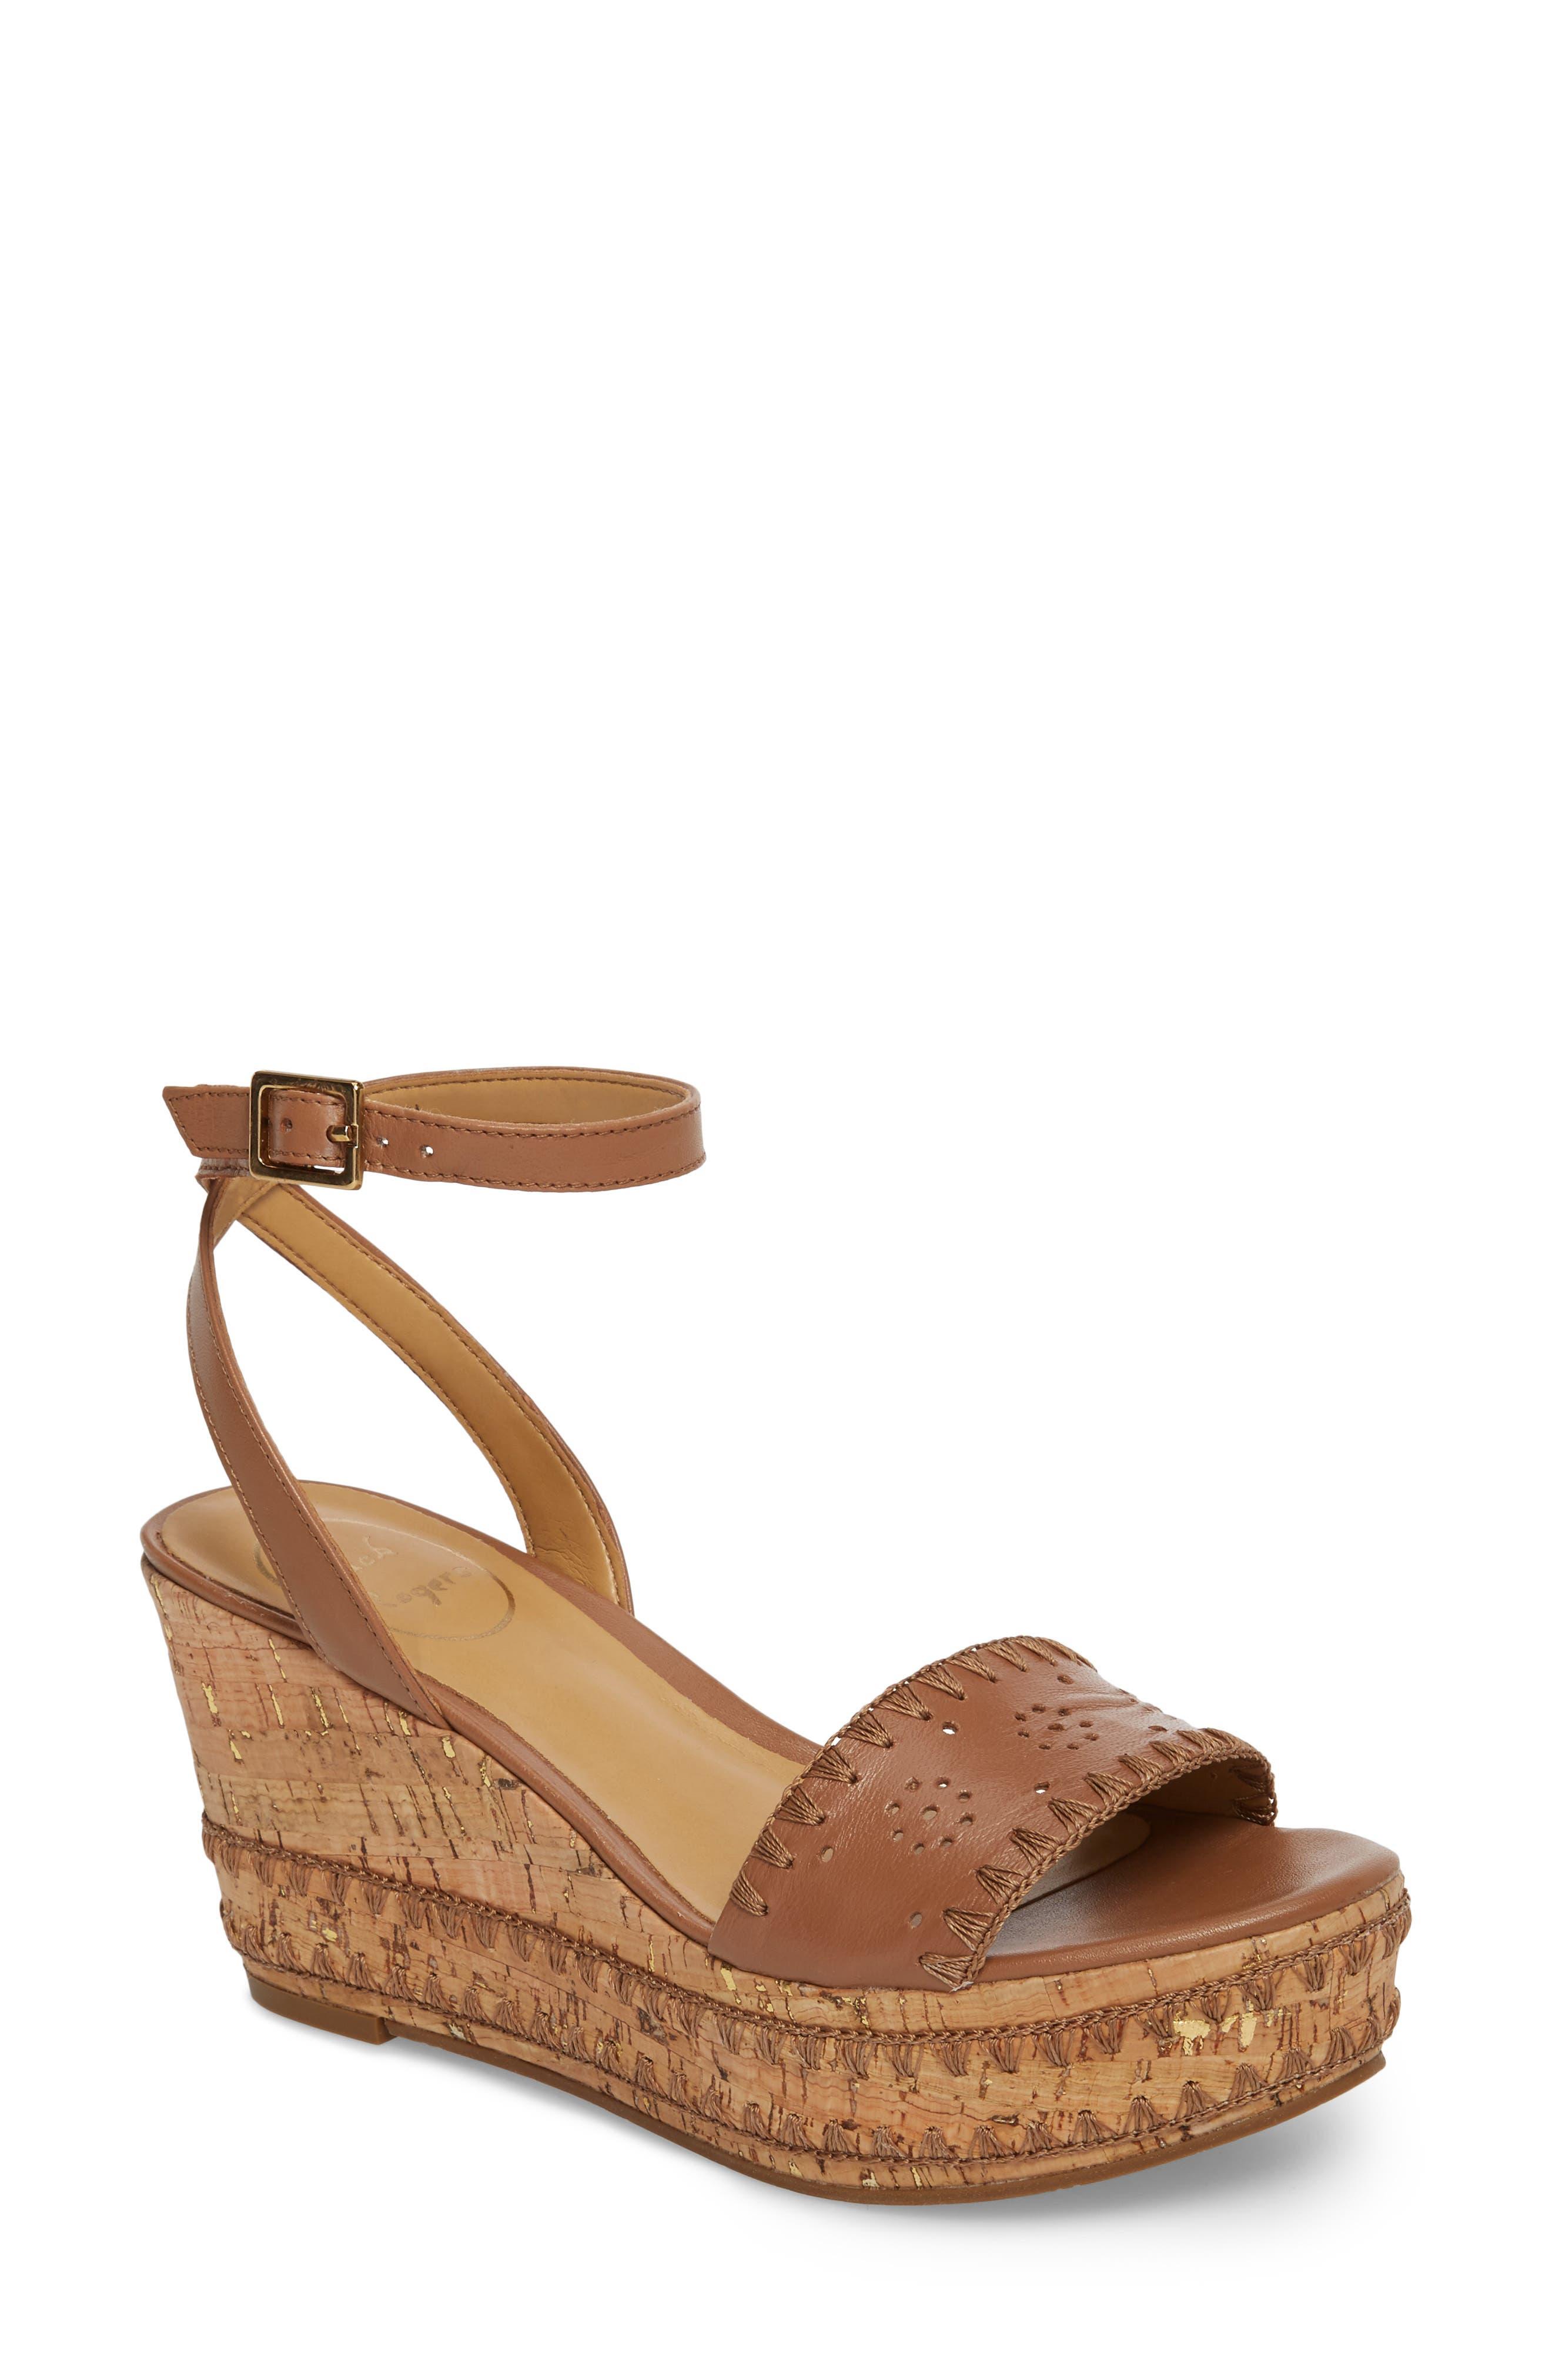 Lennon Platform Wedge Sandal,                             Main thumbnail 1, color,                             Cognac Leather